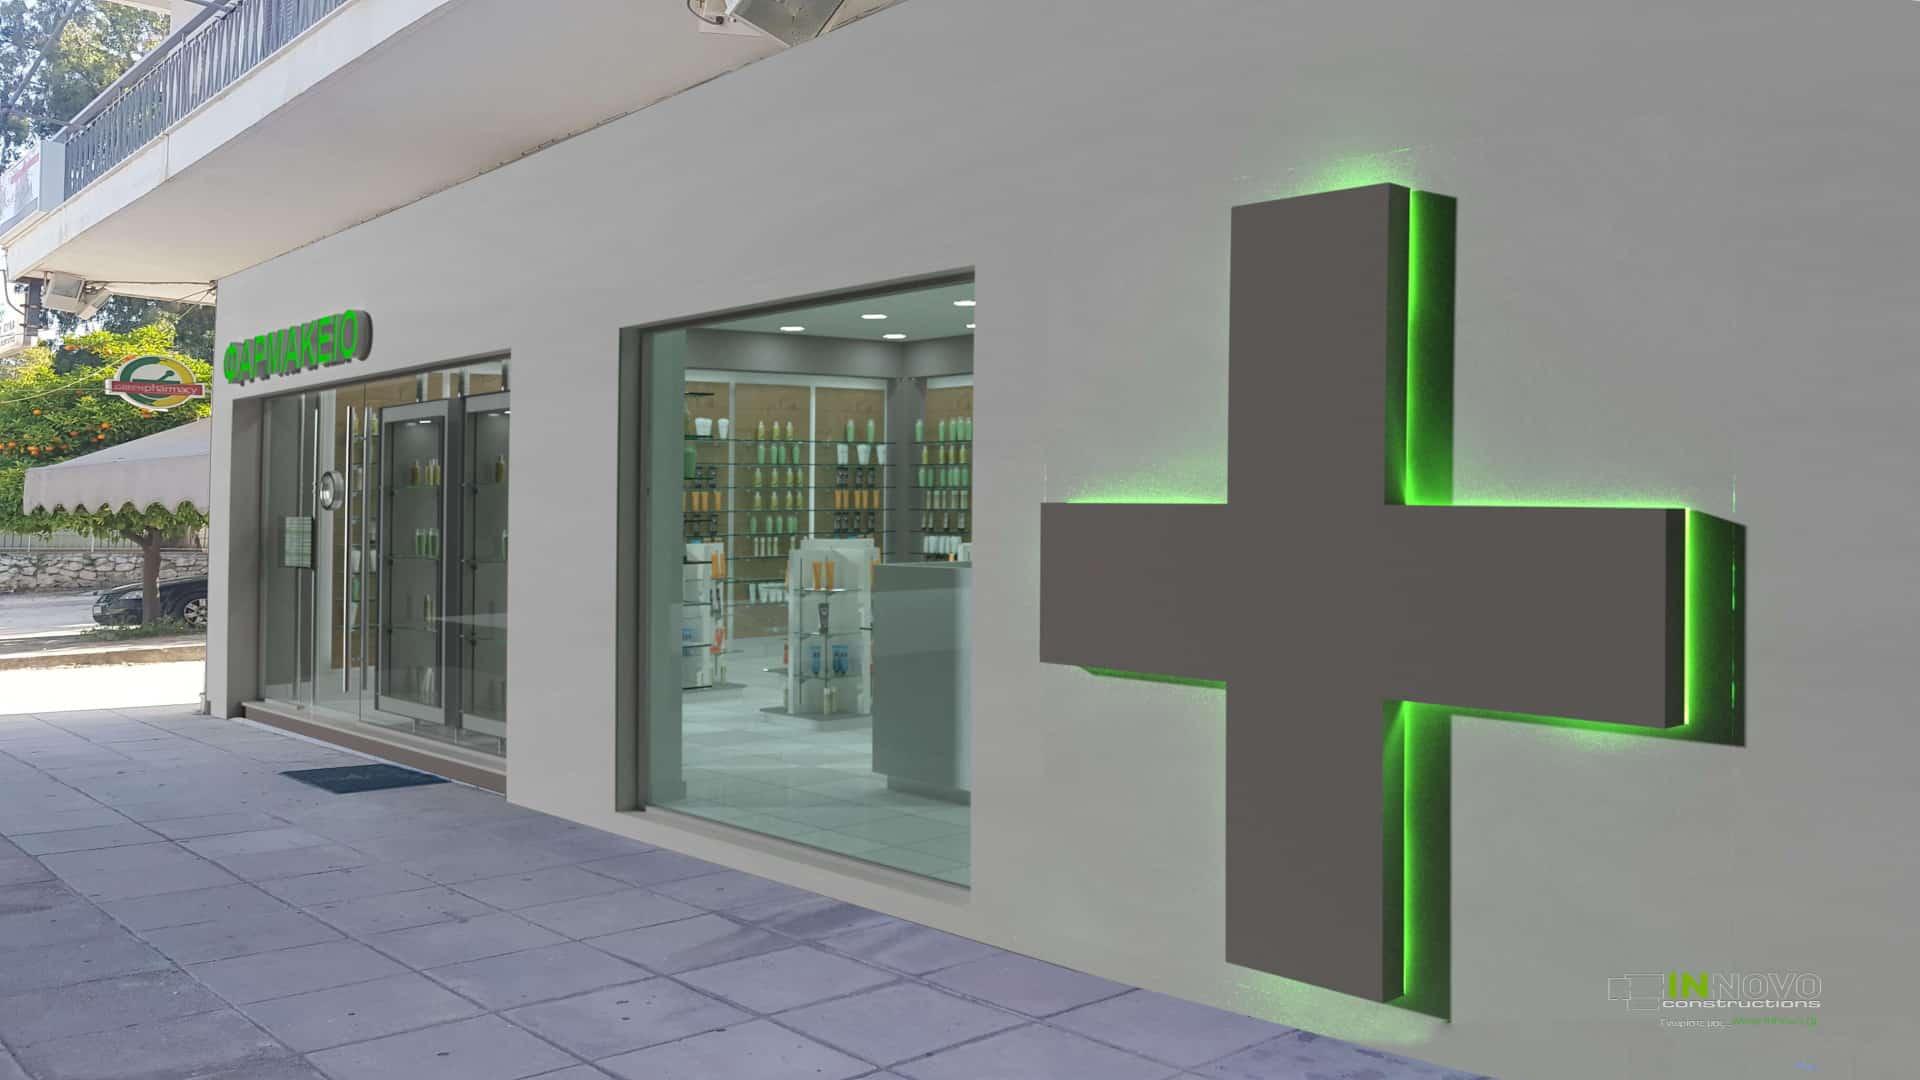 Μελέτη ανακαίνισης φαρμακείου στην Αργυρούπολη